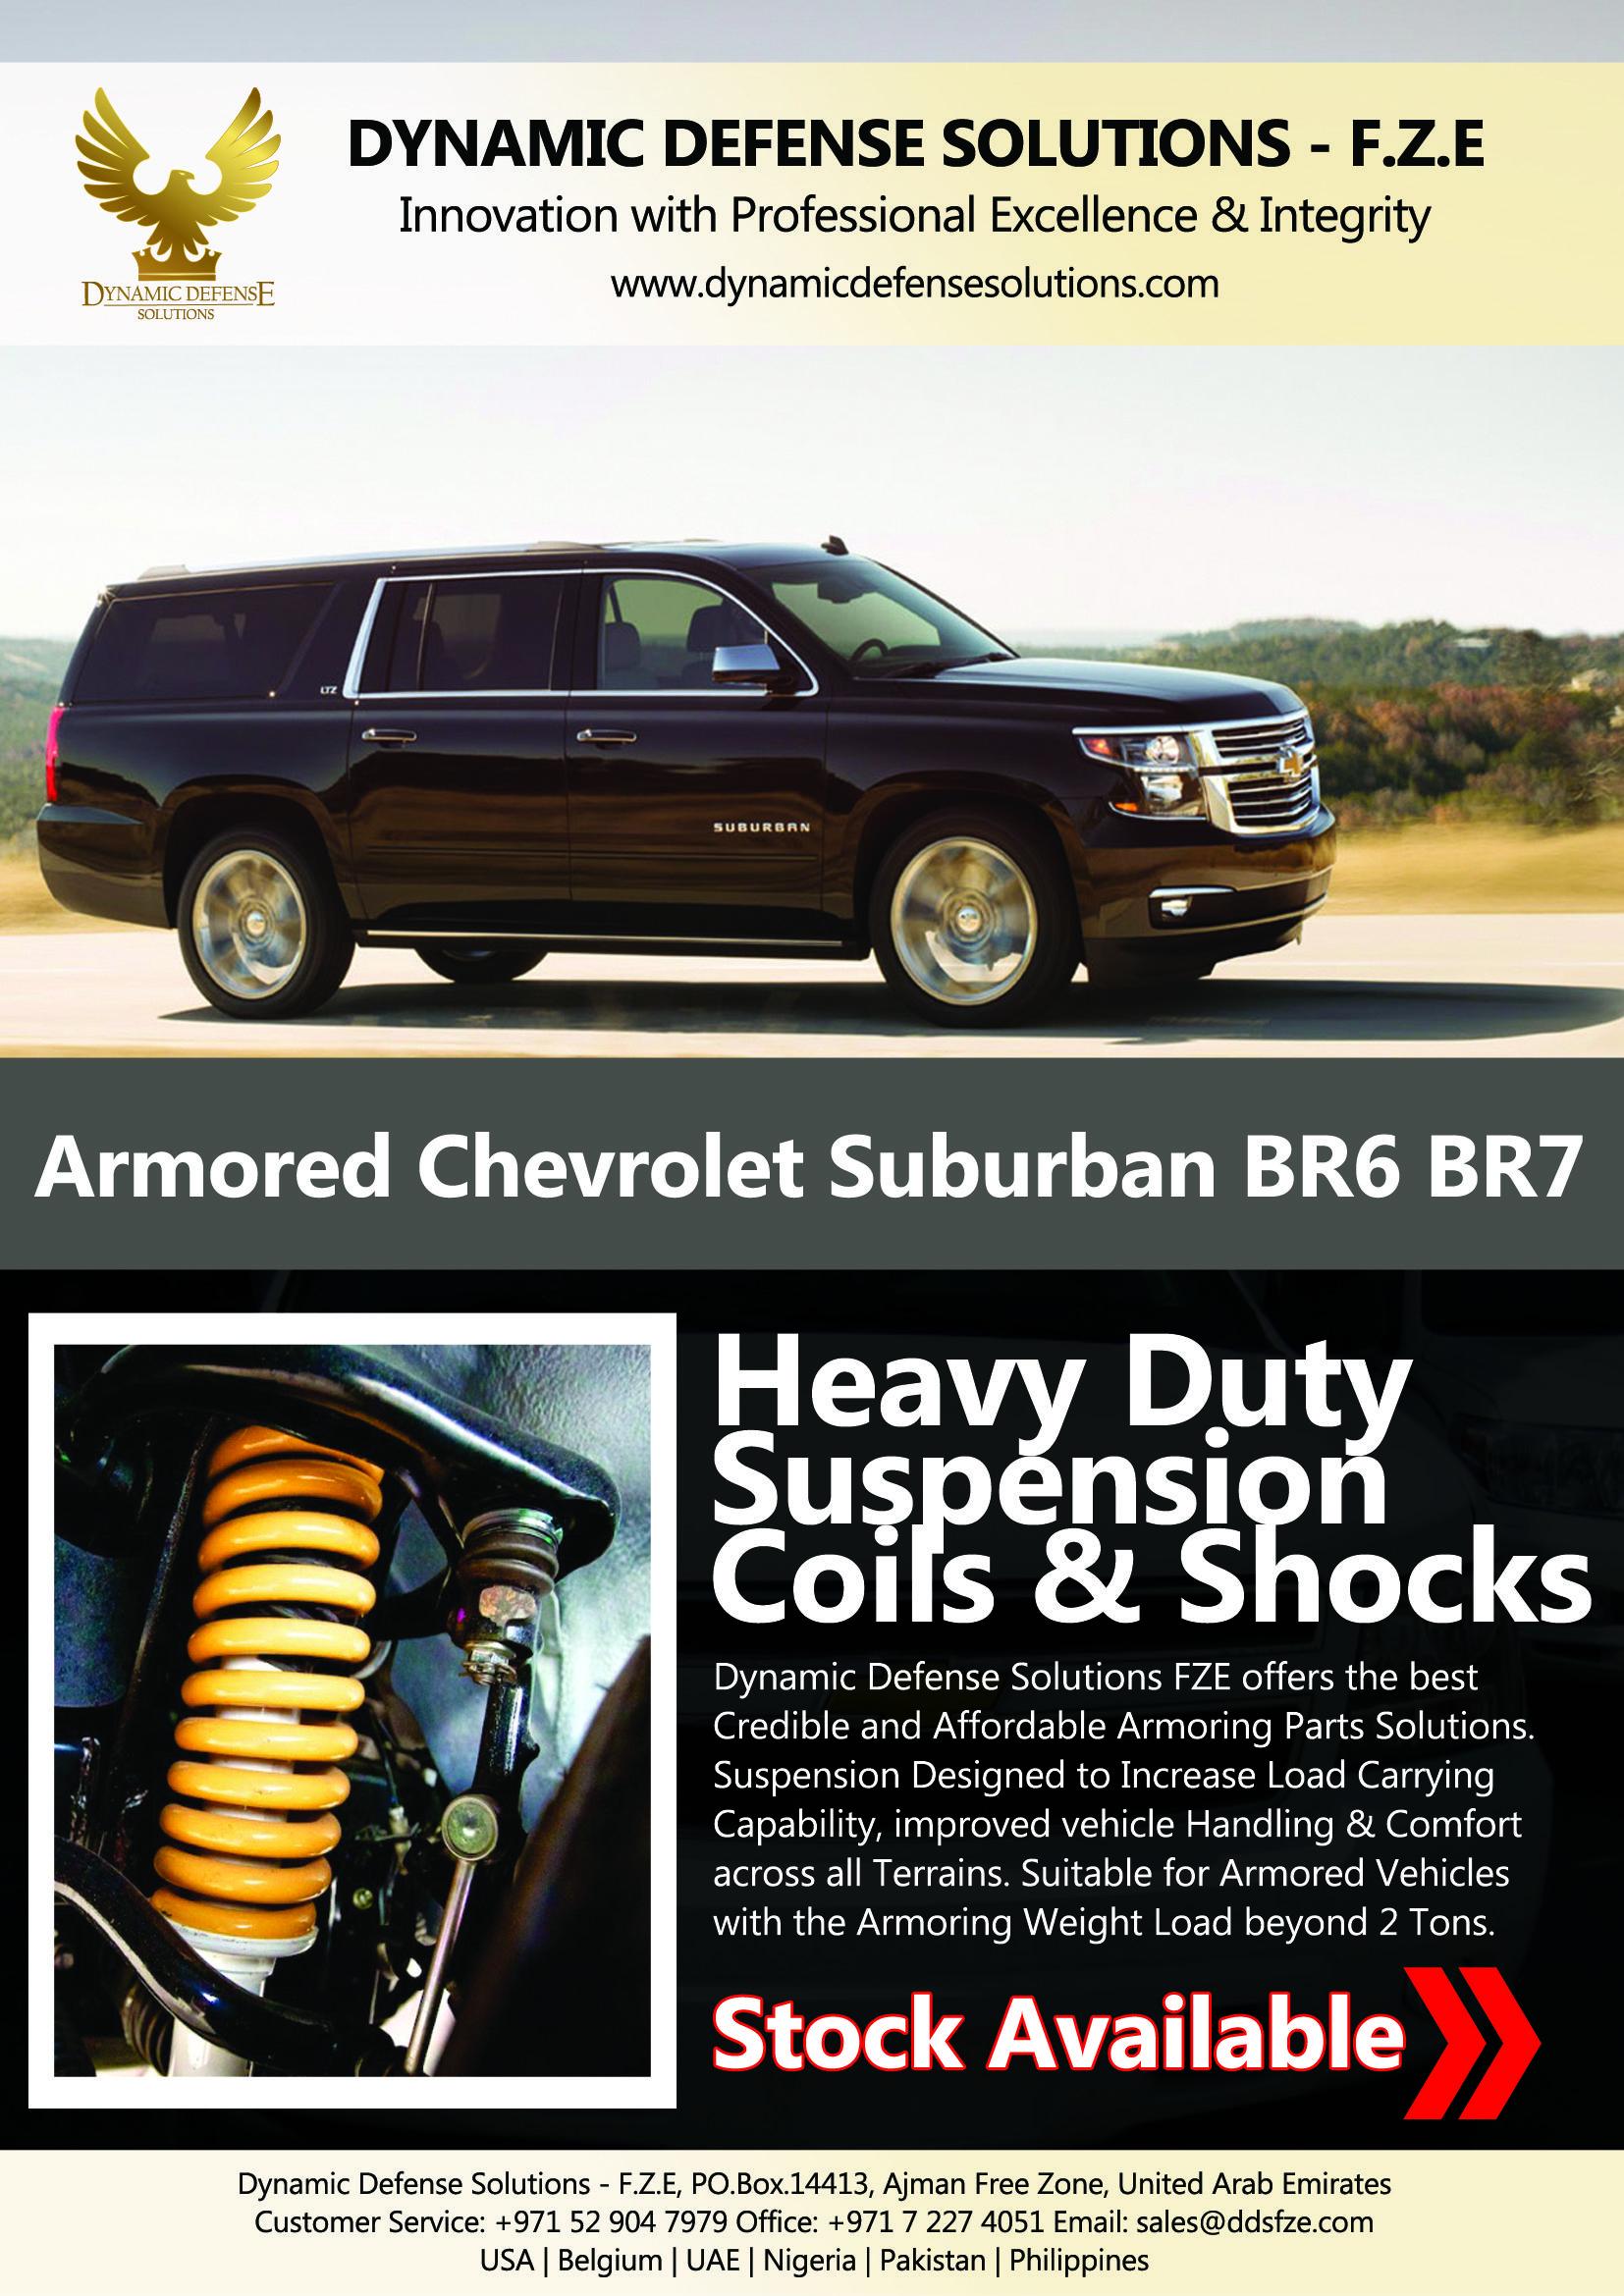 Heavydutysuspension Chevroletsuburbansuspensionb6 Bulletproofchevroletsuburbansuspension Armoredchevroletsuspe Armored Vehicles Chevrolet Suburban Vehicles